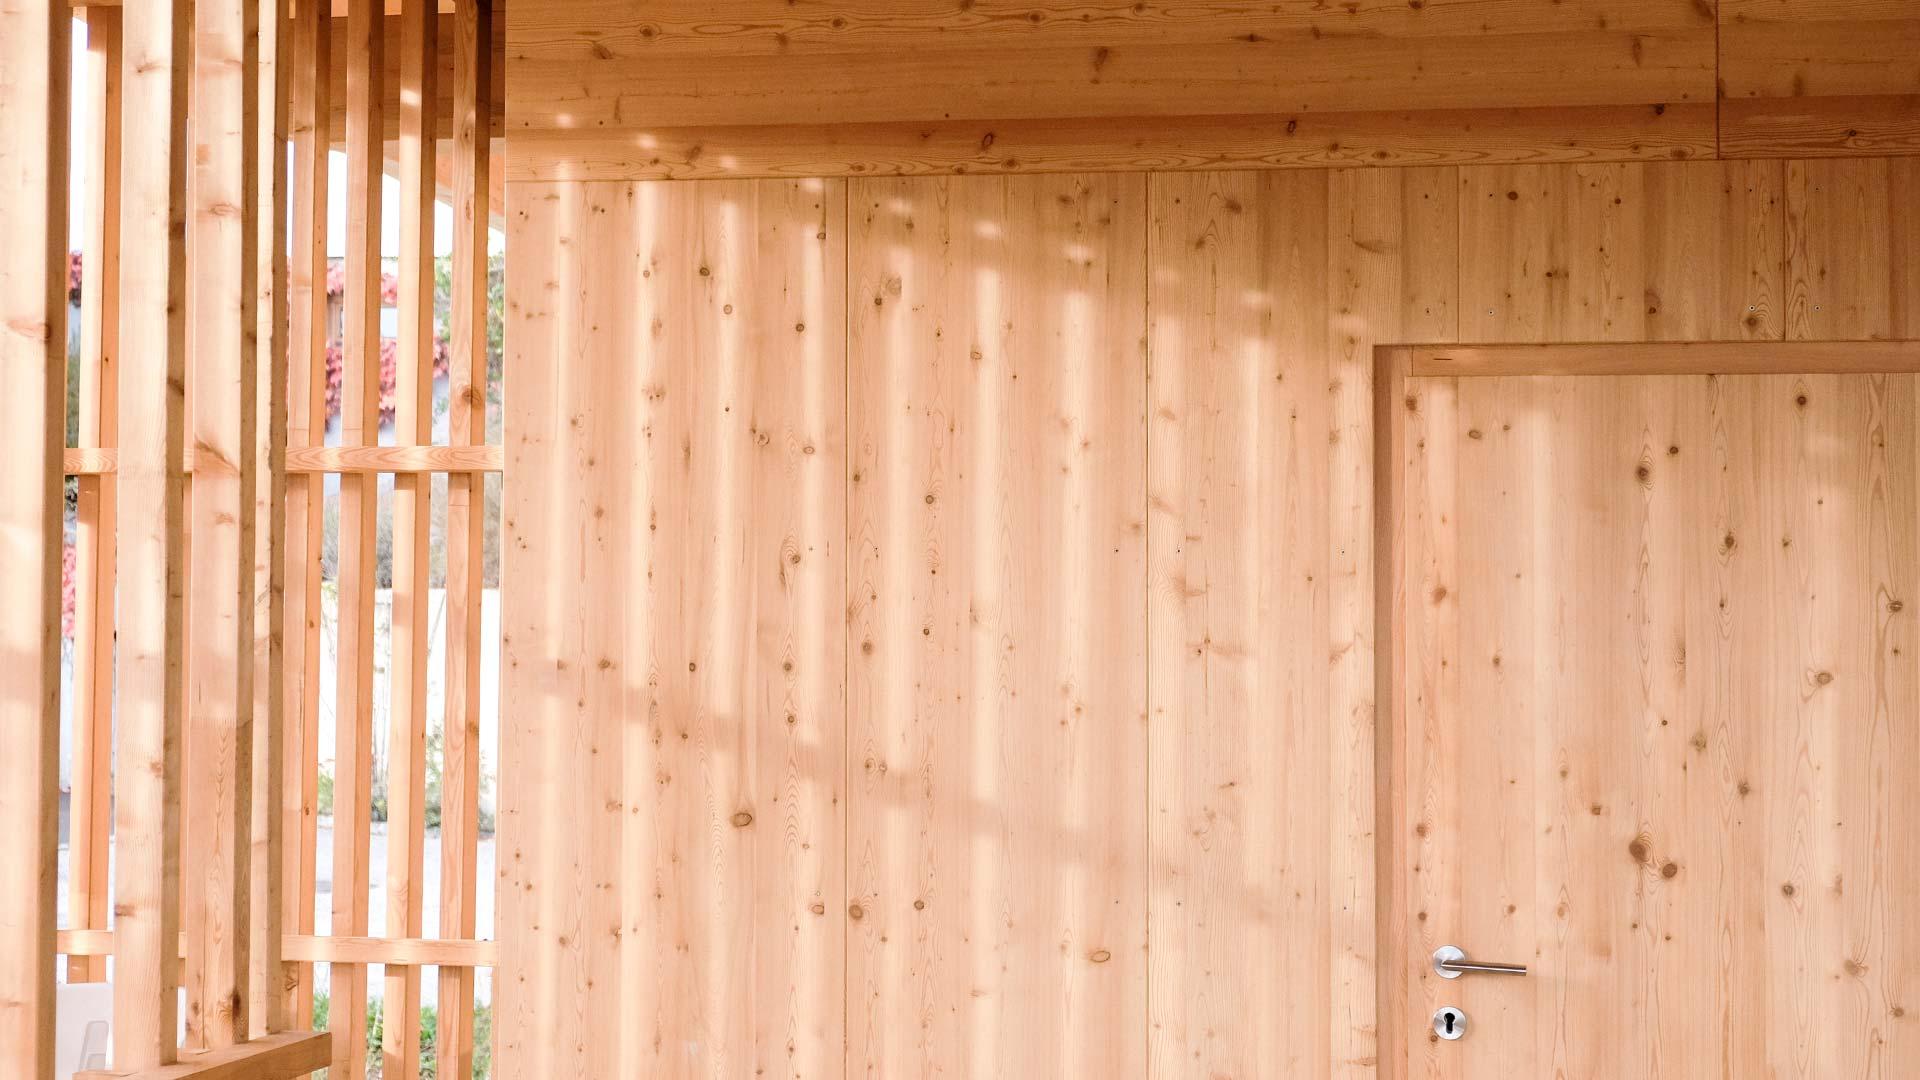 Kauf von zertifiziertem Holz als Beitrag zum Klimaschutz